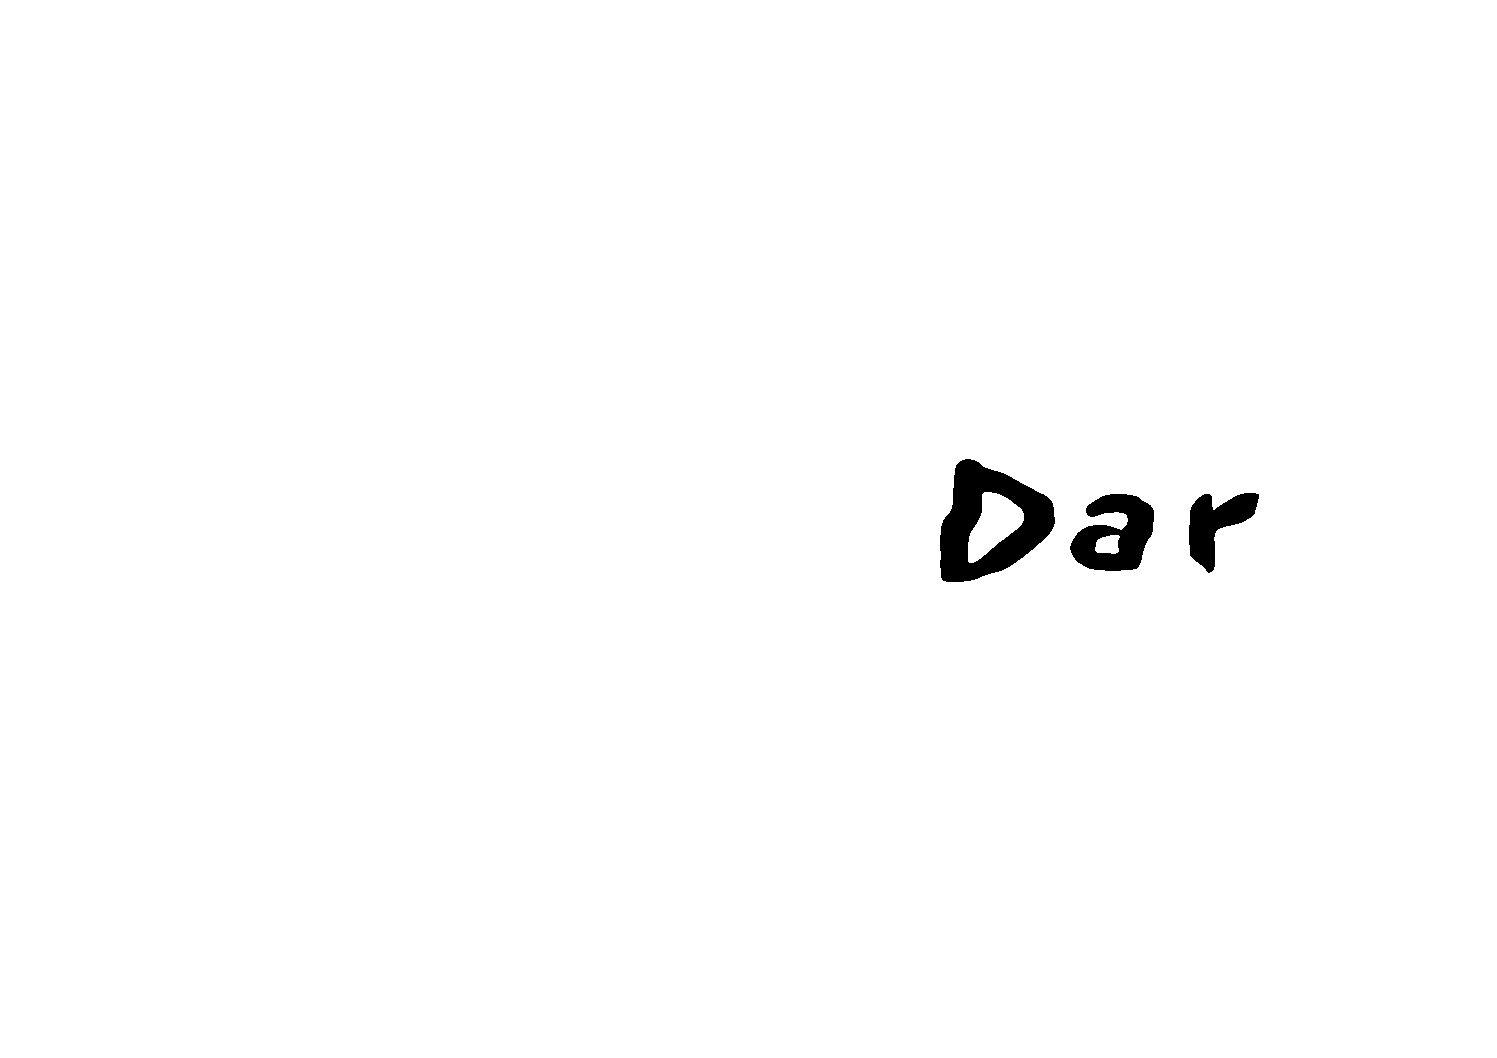 Dar2 pdf